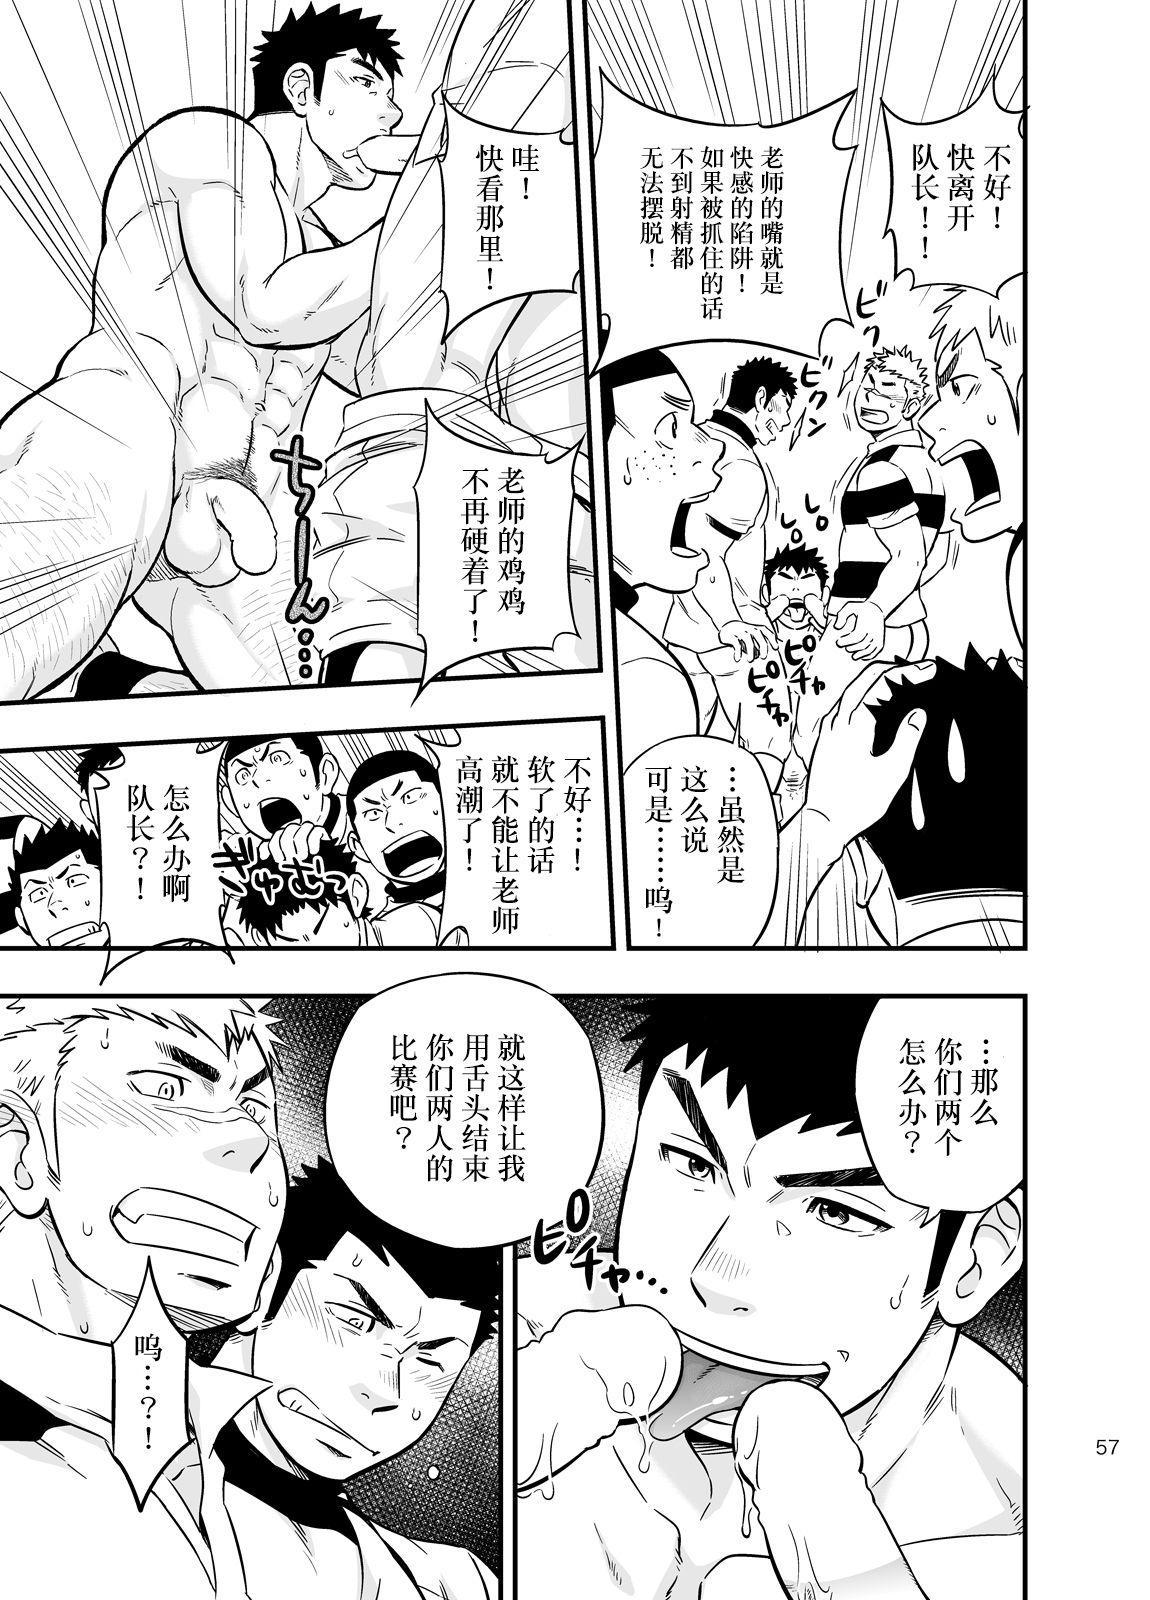 Moshimo Danshikou no Hoken Taiiku ga Jitsugi Ari Dattara 2 | 如果男校的保健体育课有实践环节的话 2 55